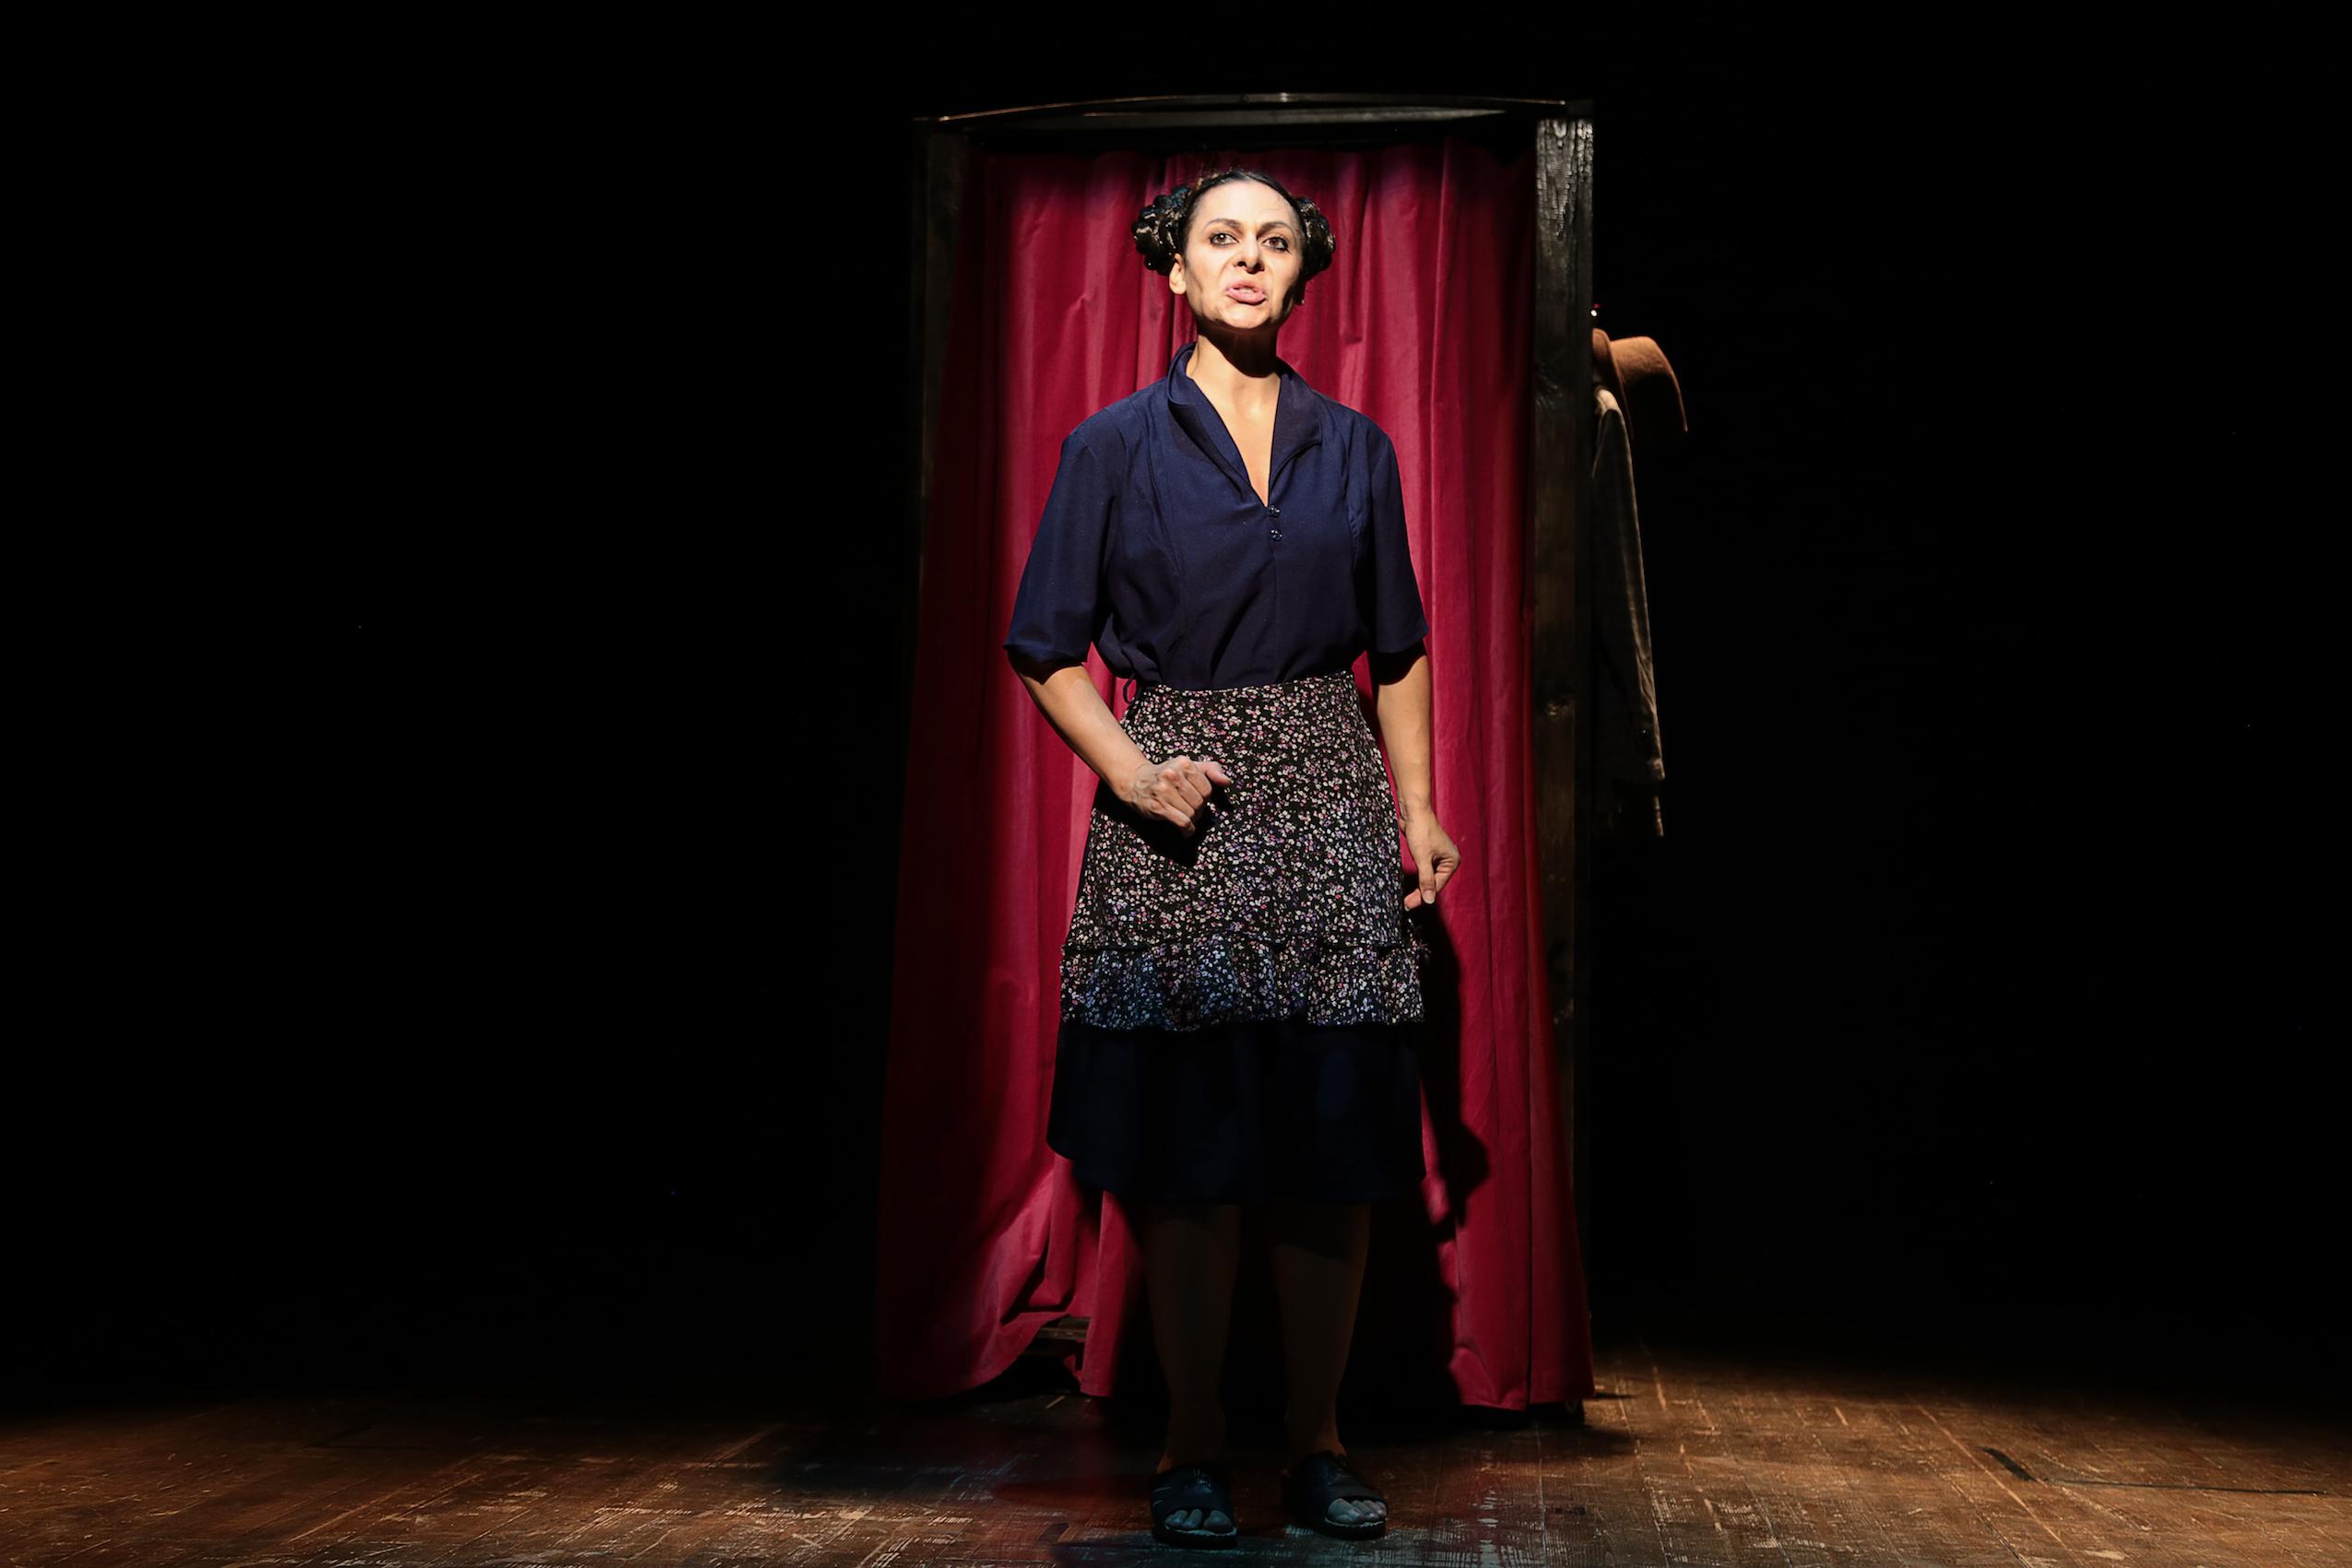 Teatro Brancaccino | RUSINA di e con Rossella Pugliese dal 23 gennaio